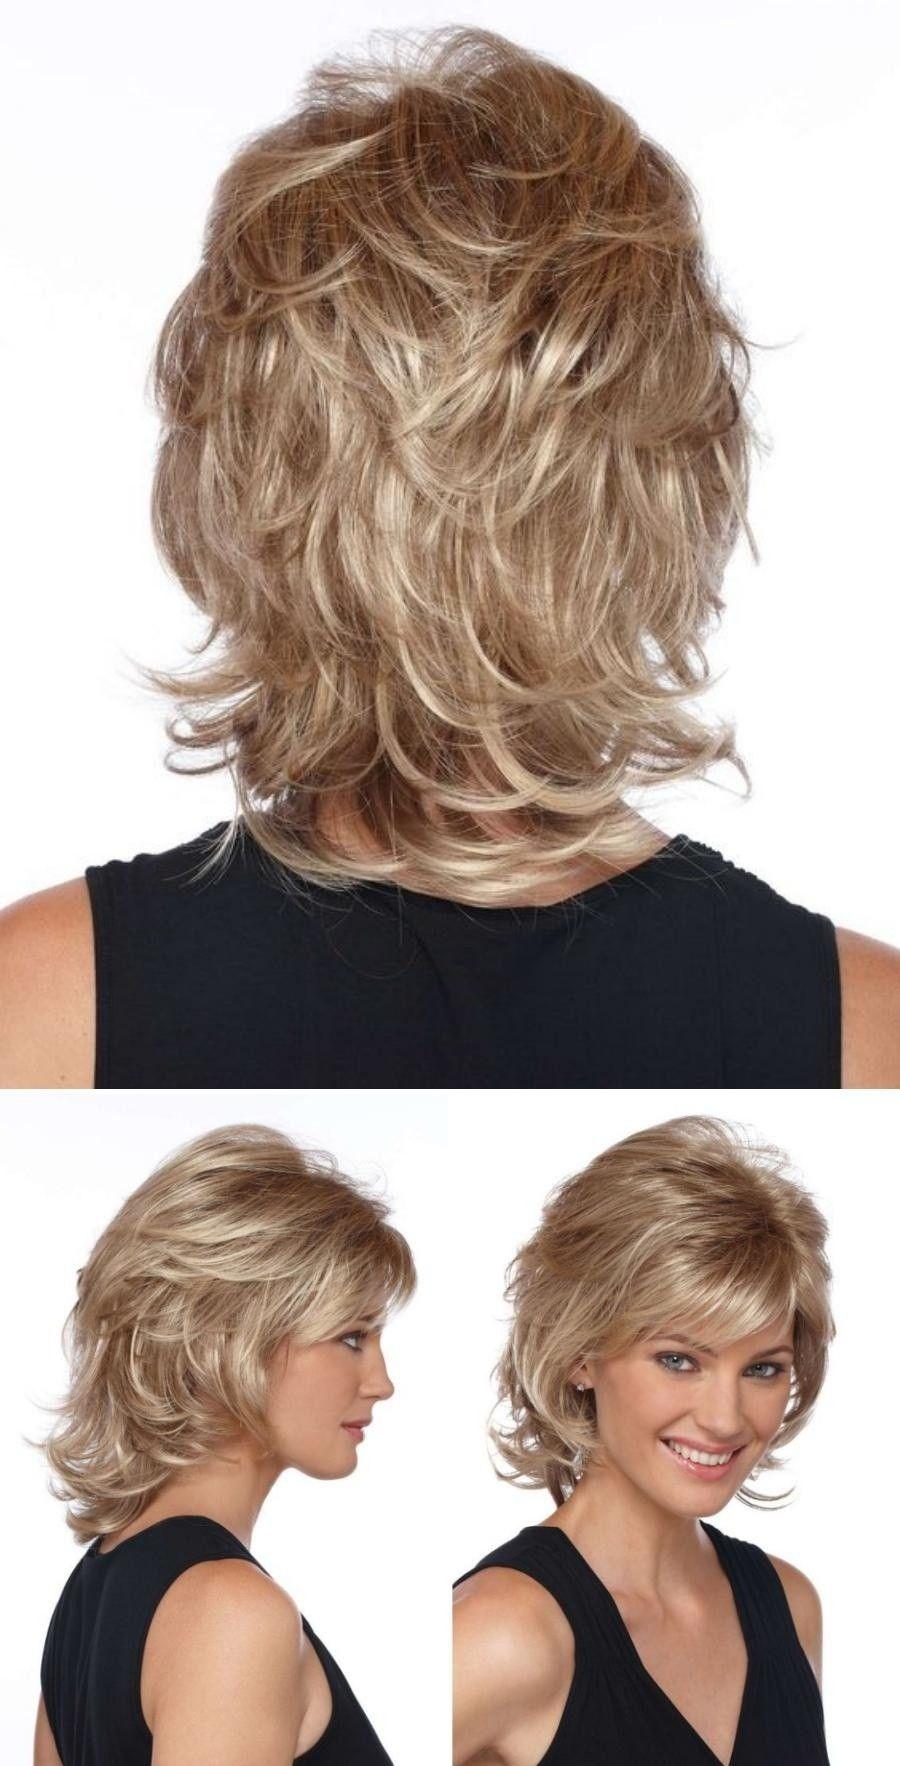 Bem na foto: Corte de cabelo médio repicado